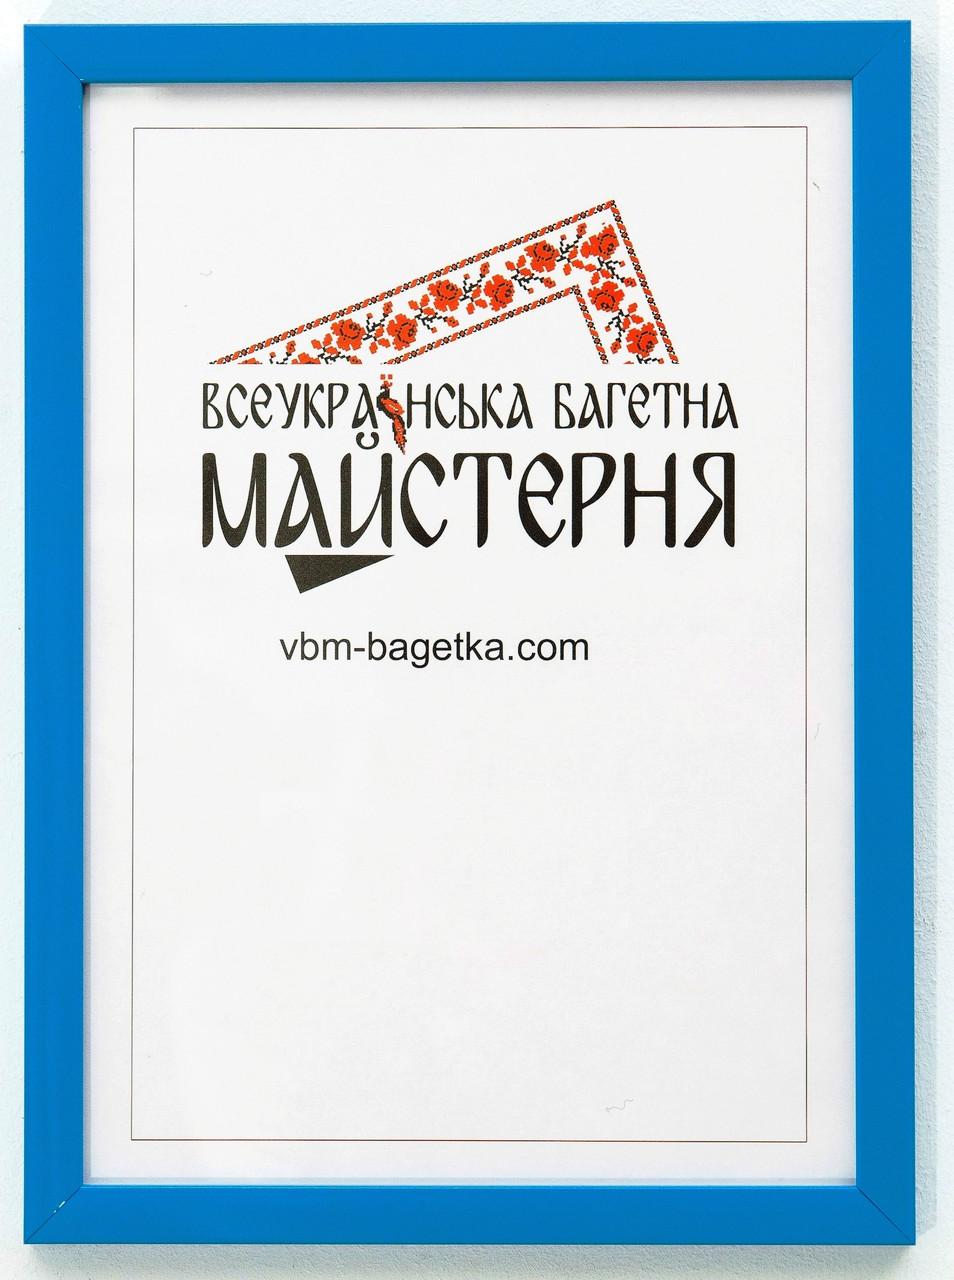 Рамка А5, 15х21 Голубая - Всеукраинская Багетная Мастерская в Киеве